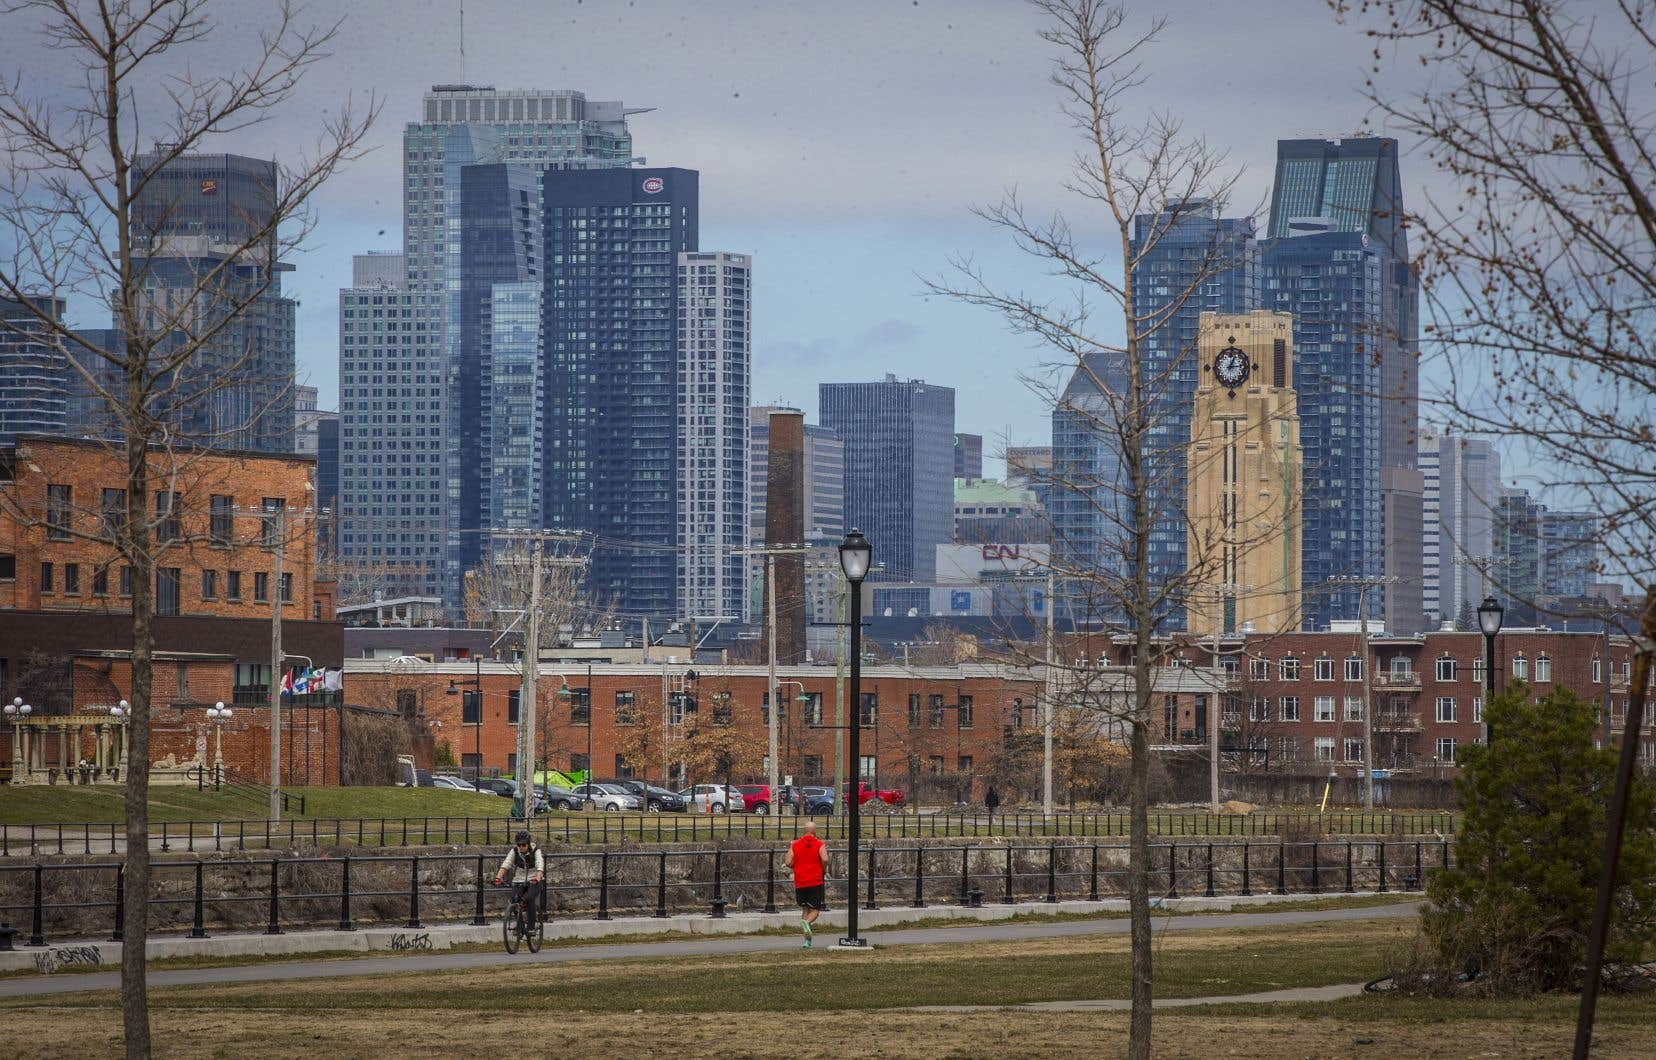 Les trois experts conviennent que, plutôt que de se concentrer sur les immeubles de grande hauteur, Montréal devrait mettre l'accent sur les terrains vacants ou d'anciens sites industriels avec un développement «à taille humaine», de hauteur moyenne, ce qui tend à créer des quartiers plus accessibles à pied et plus conviviaux, ont-ils dit.